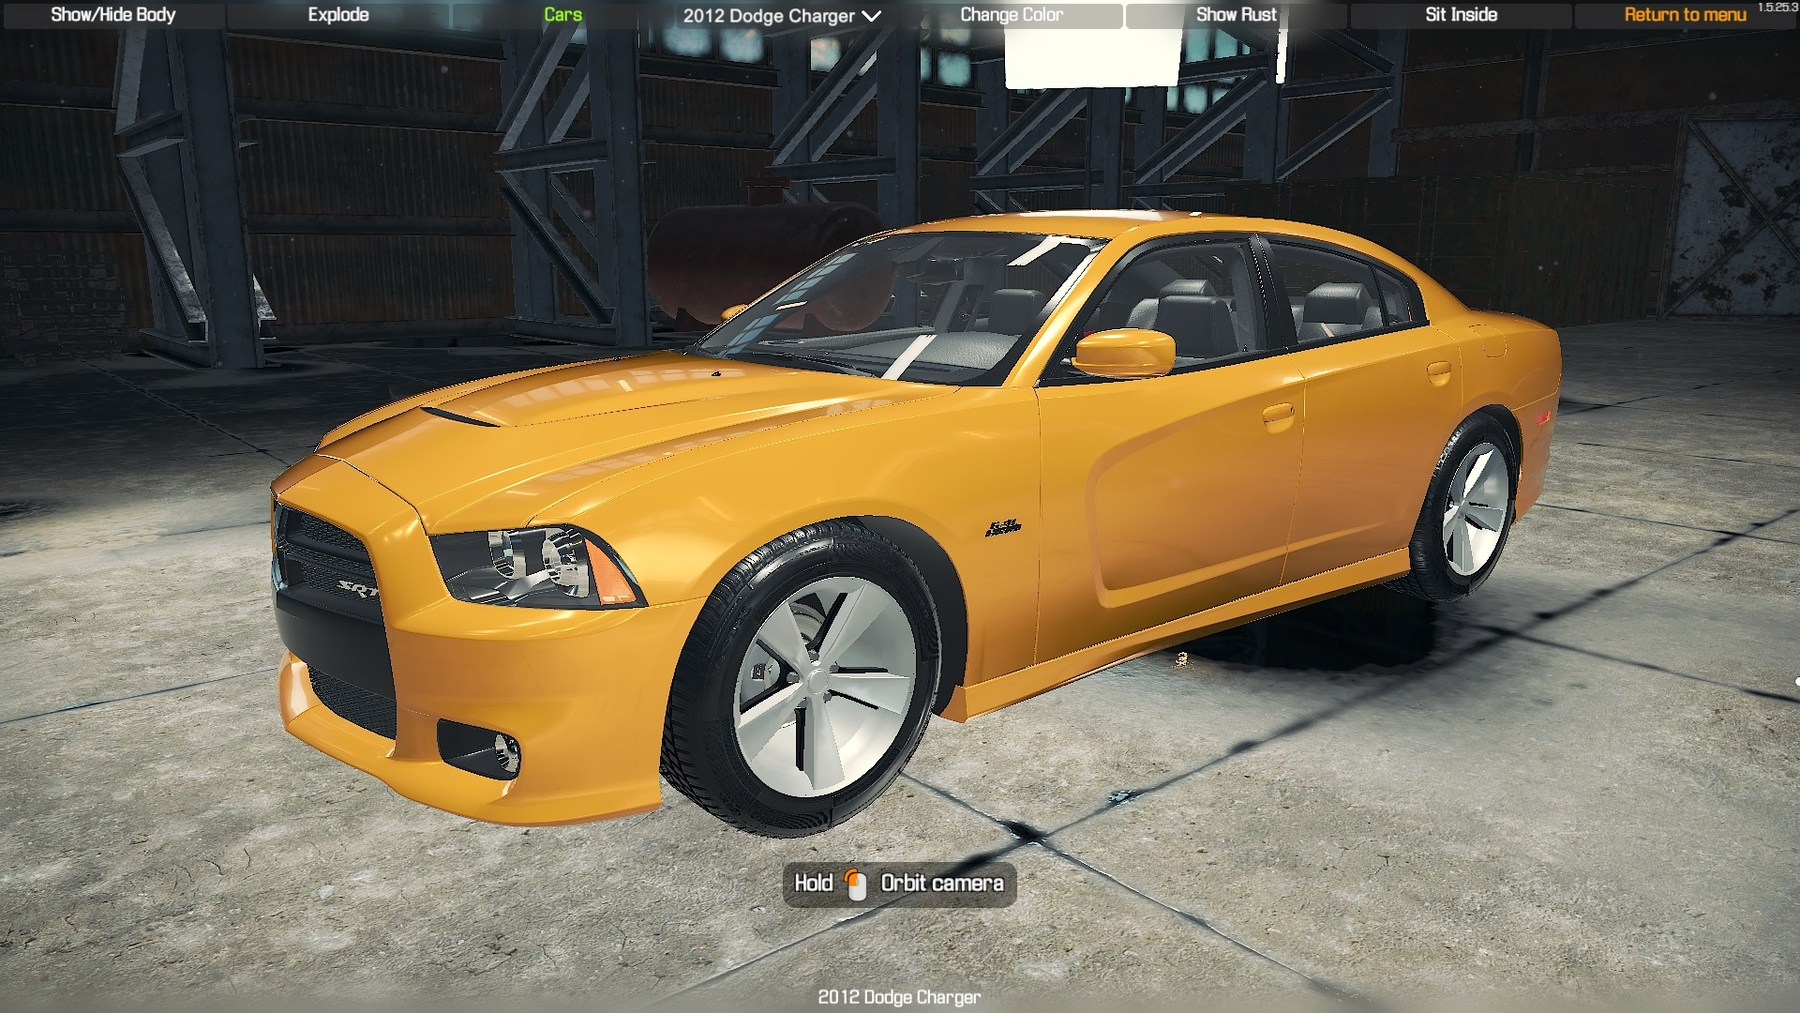 Dodge Viper Tires >> 2012 Dodge Charger SRT8 - CMS 2018 Cars - Car Mechanic Simulator 2018 - Mods - Mods for Games ...